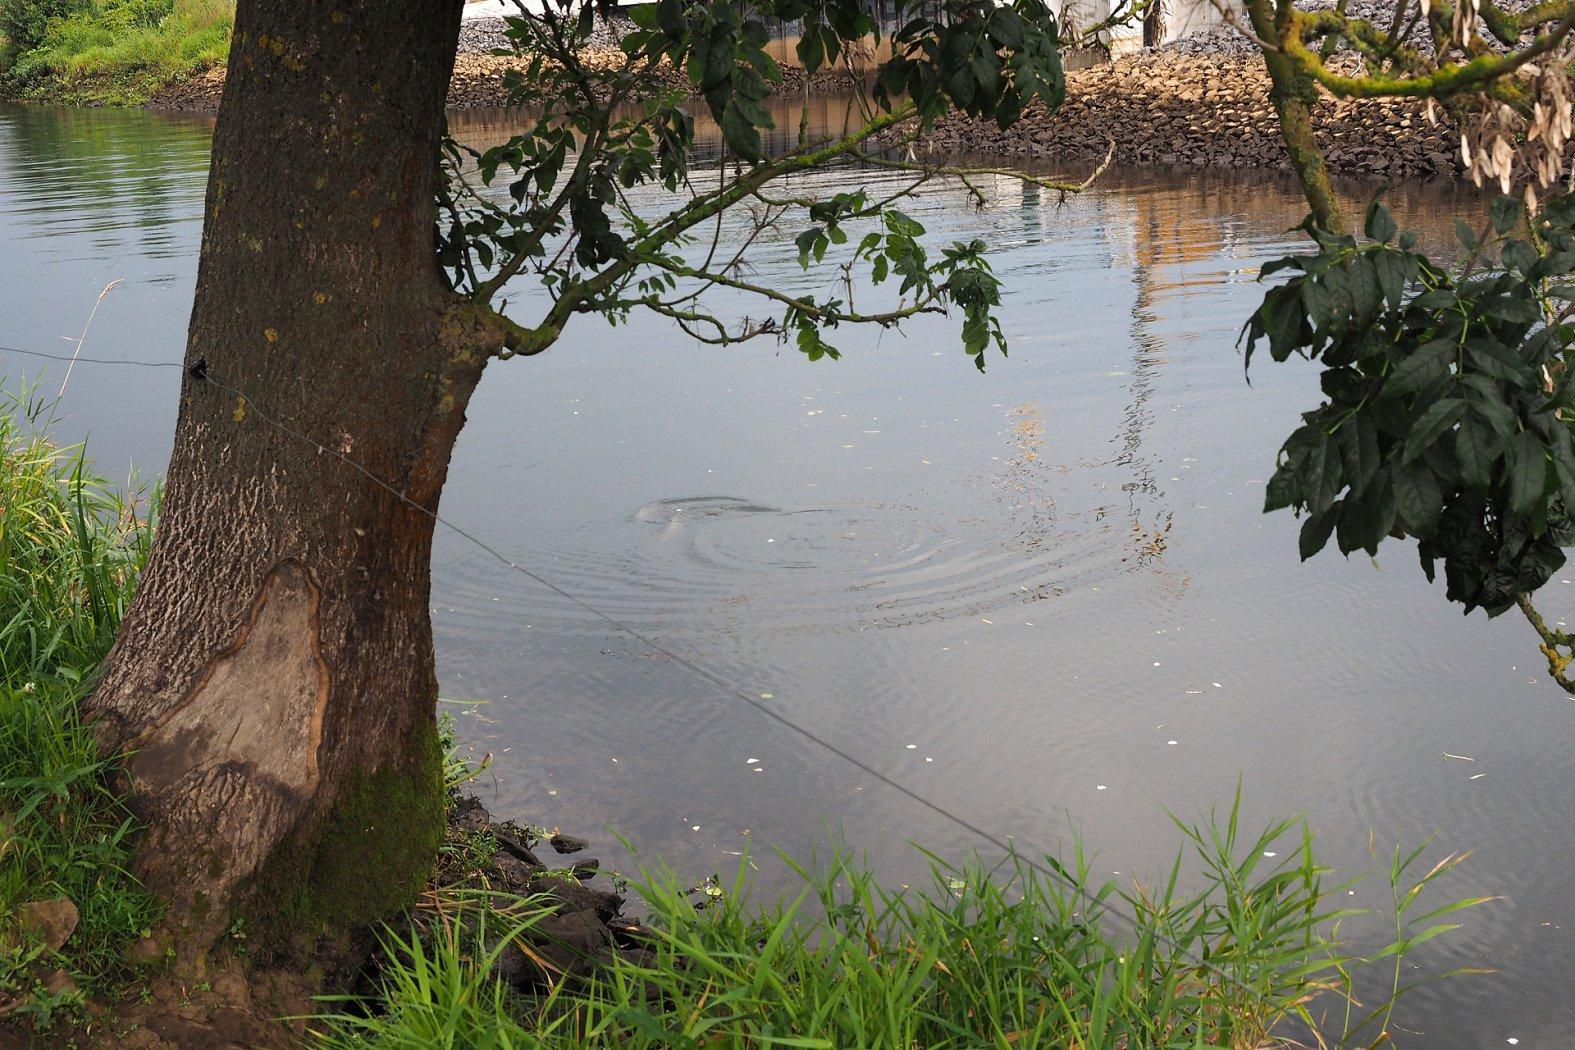 Aland angeln an der Oberfläche